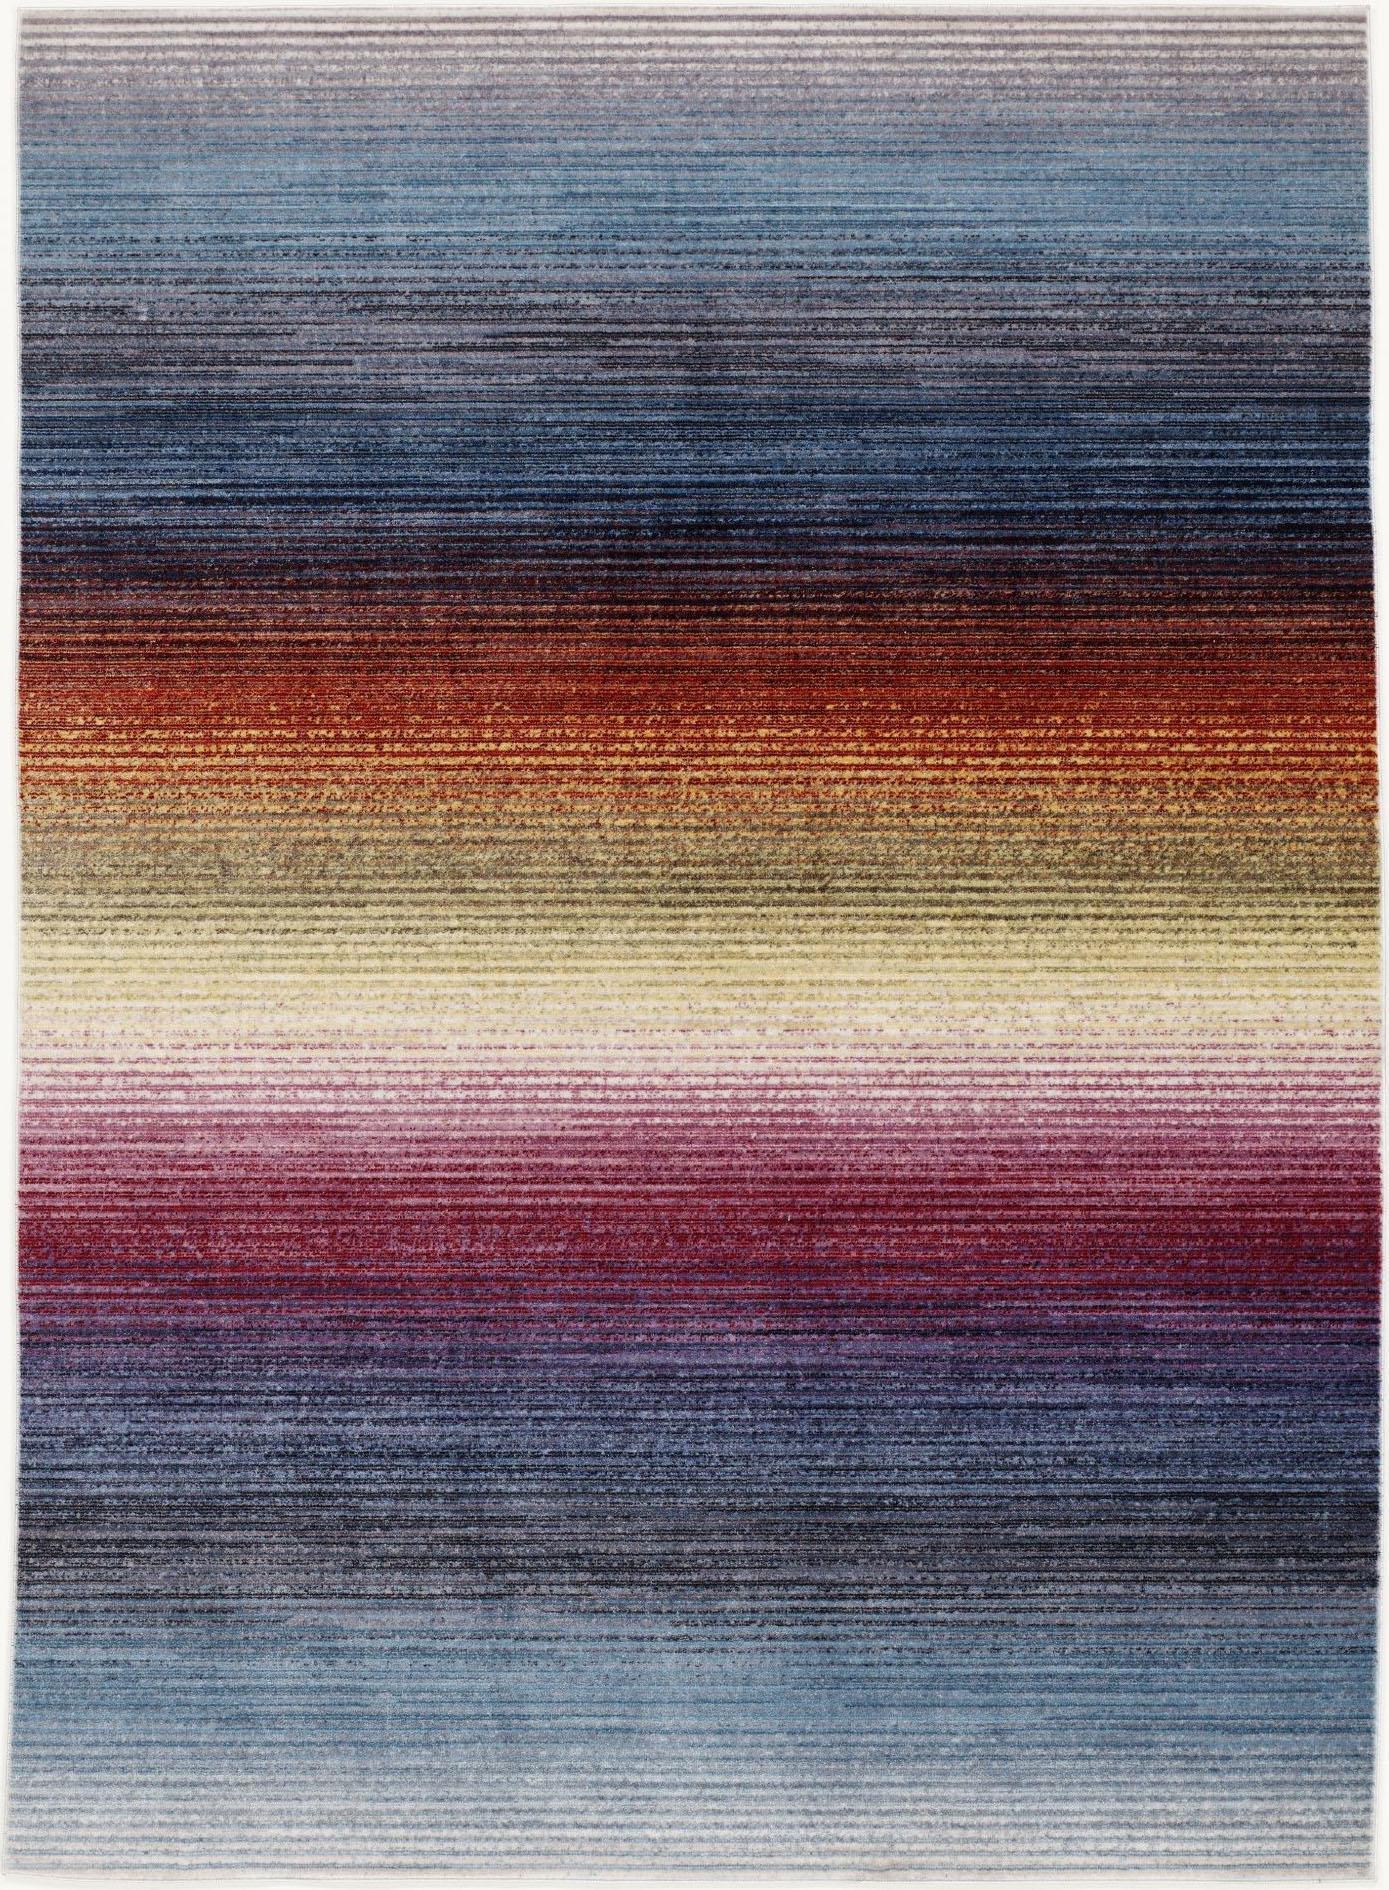 Teppich Rainbow Stripe OCI DIE TEPPICHMARKE rechteckig Höhe 5 mm maschinell gewebt